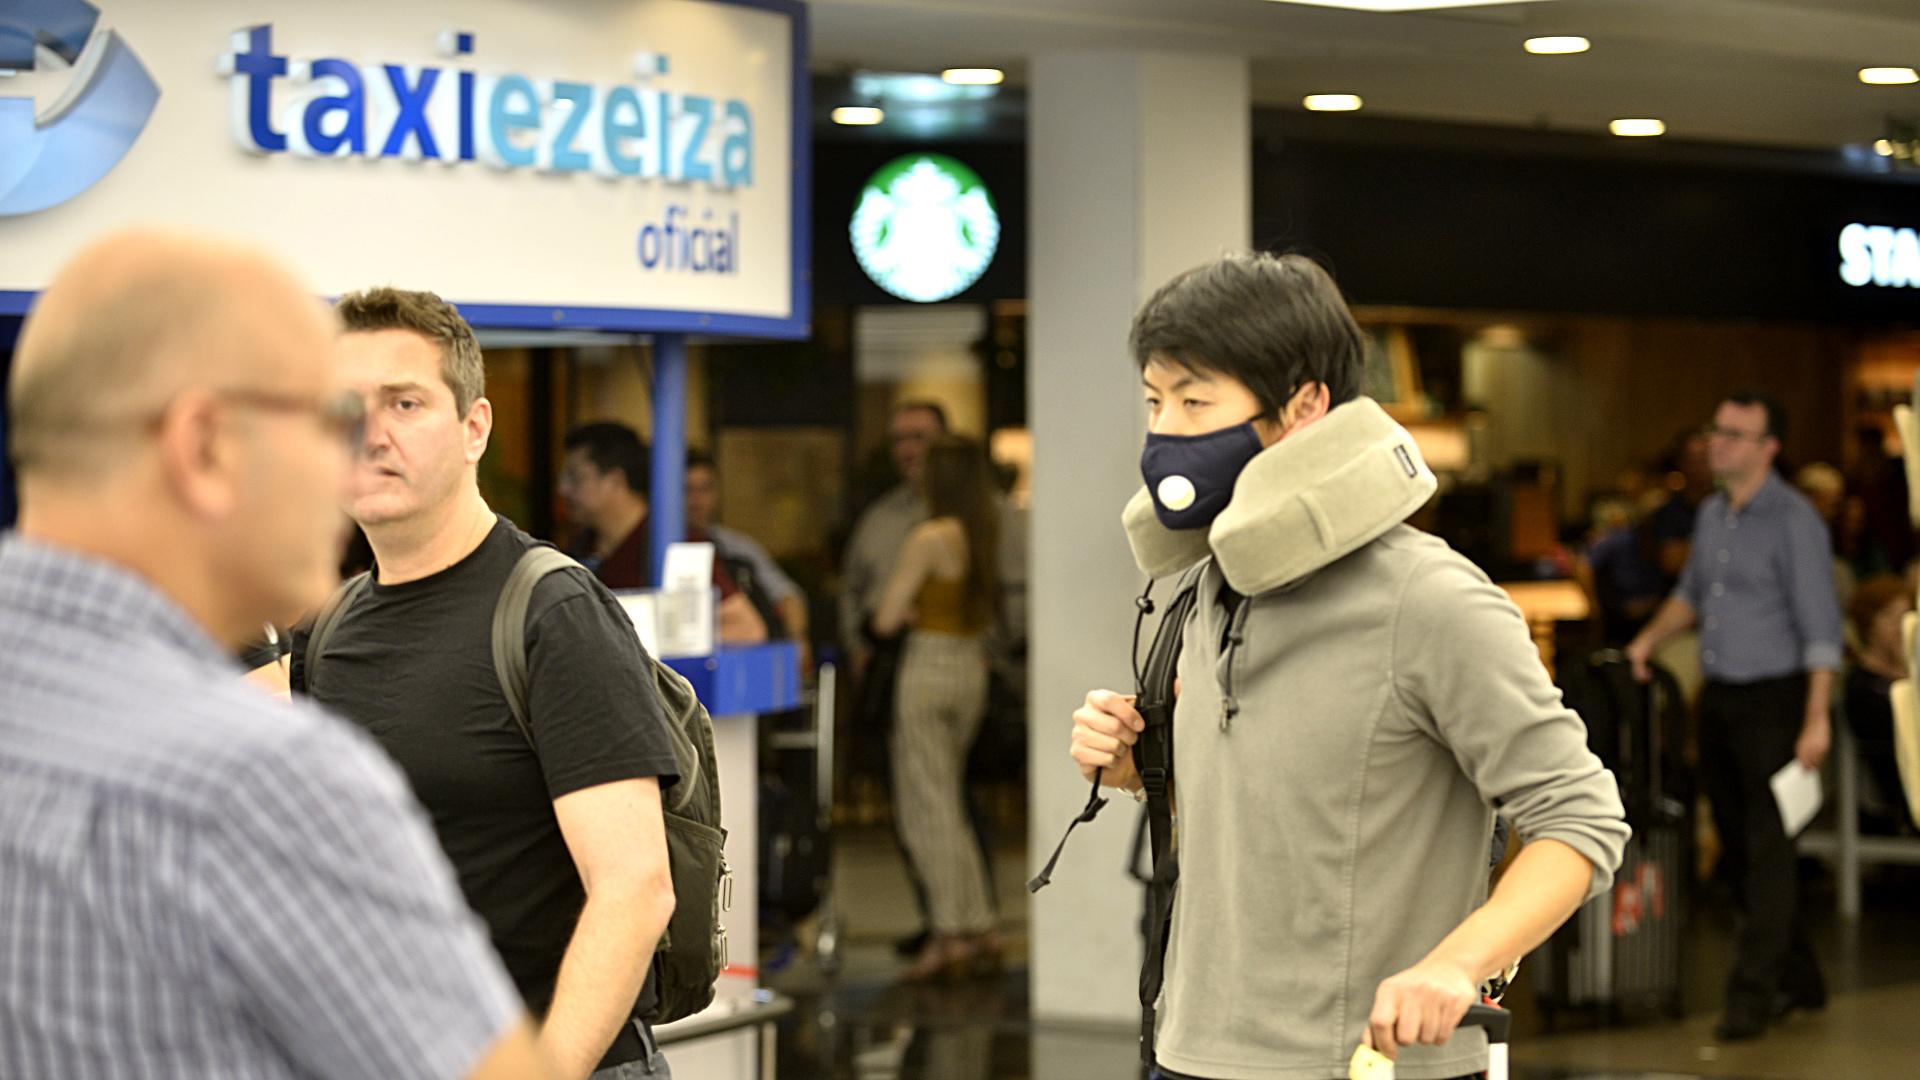 El resto de los pasajeros, en tanto, tuvo que permanecer en sus lugares a la espera de una autorización para descender del avión